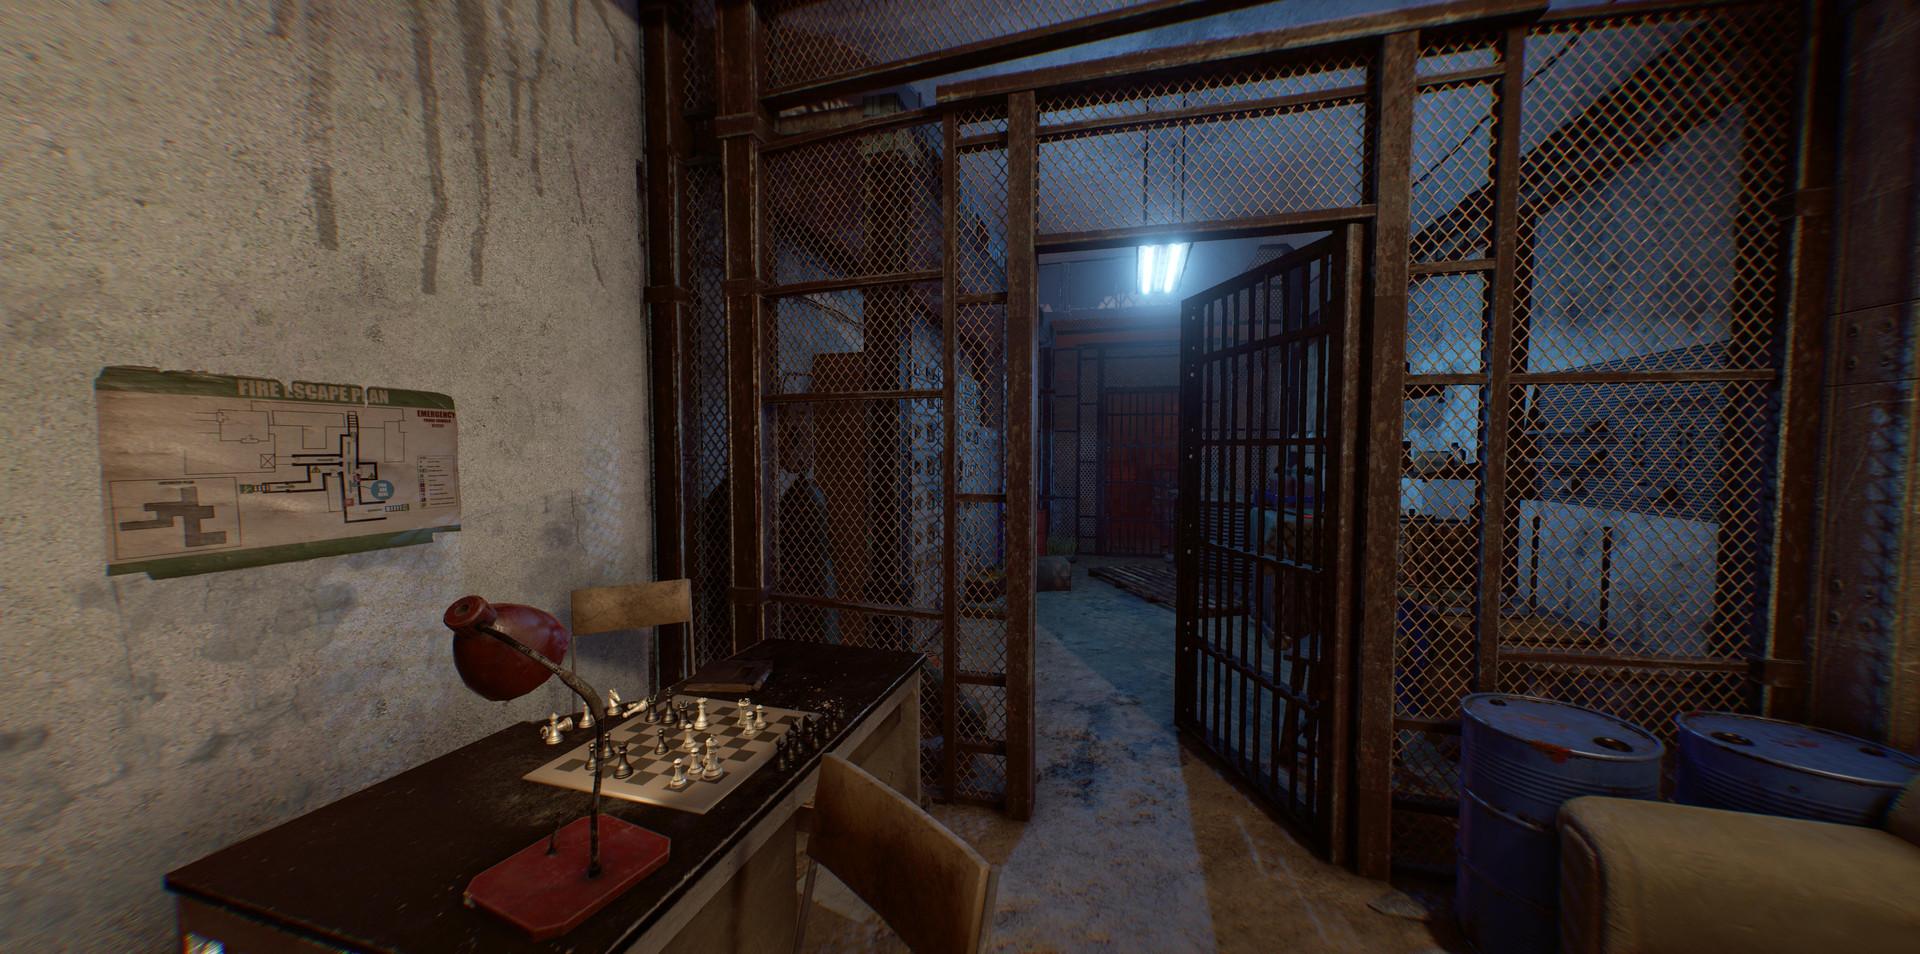 ER_Prison_16.jpg